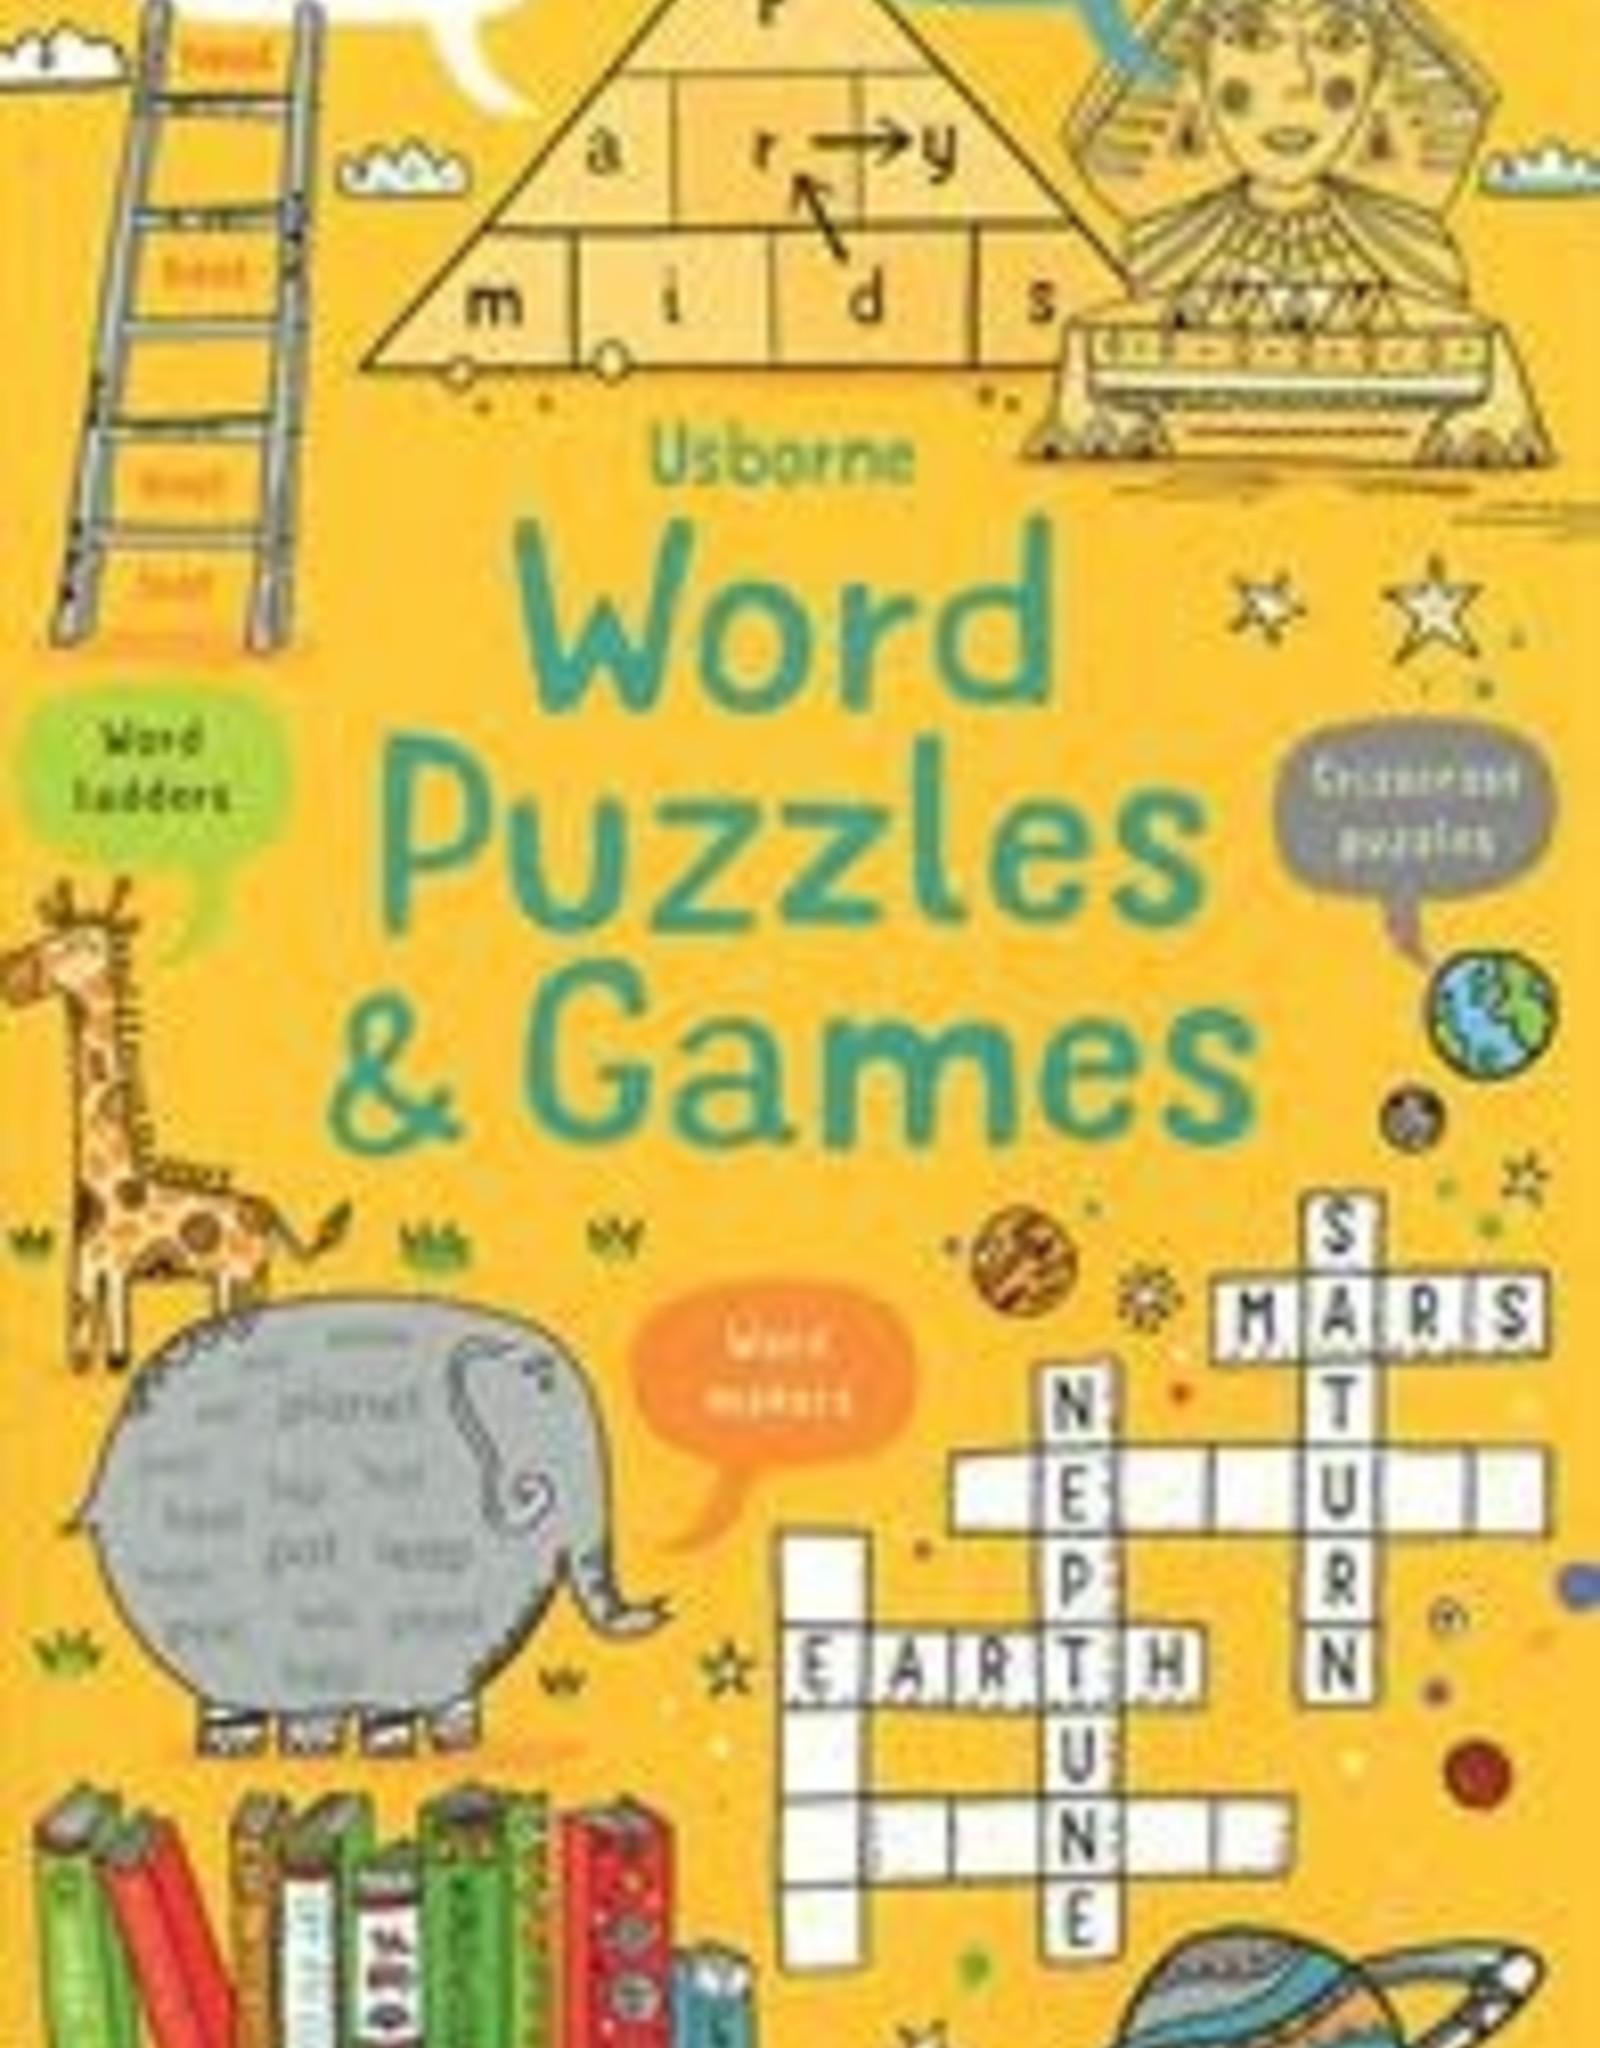 Usborne Word Puzzles & Games